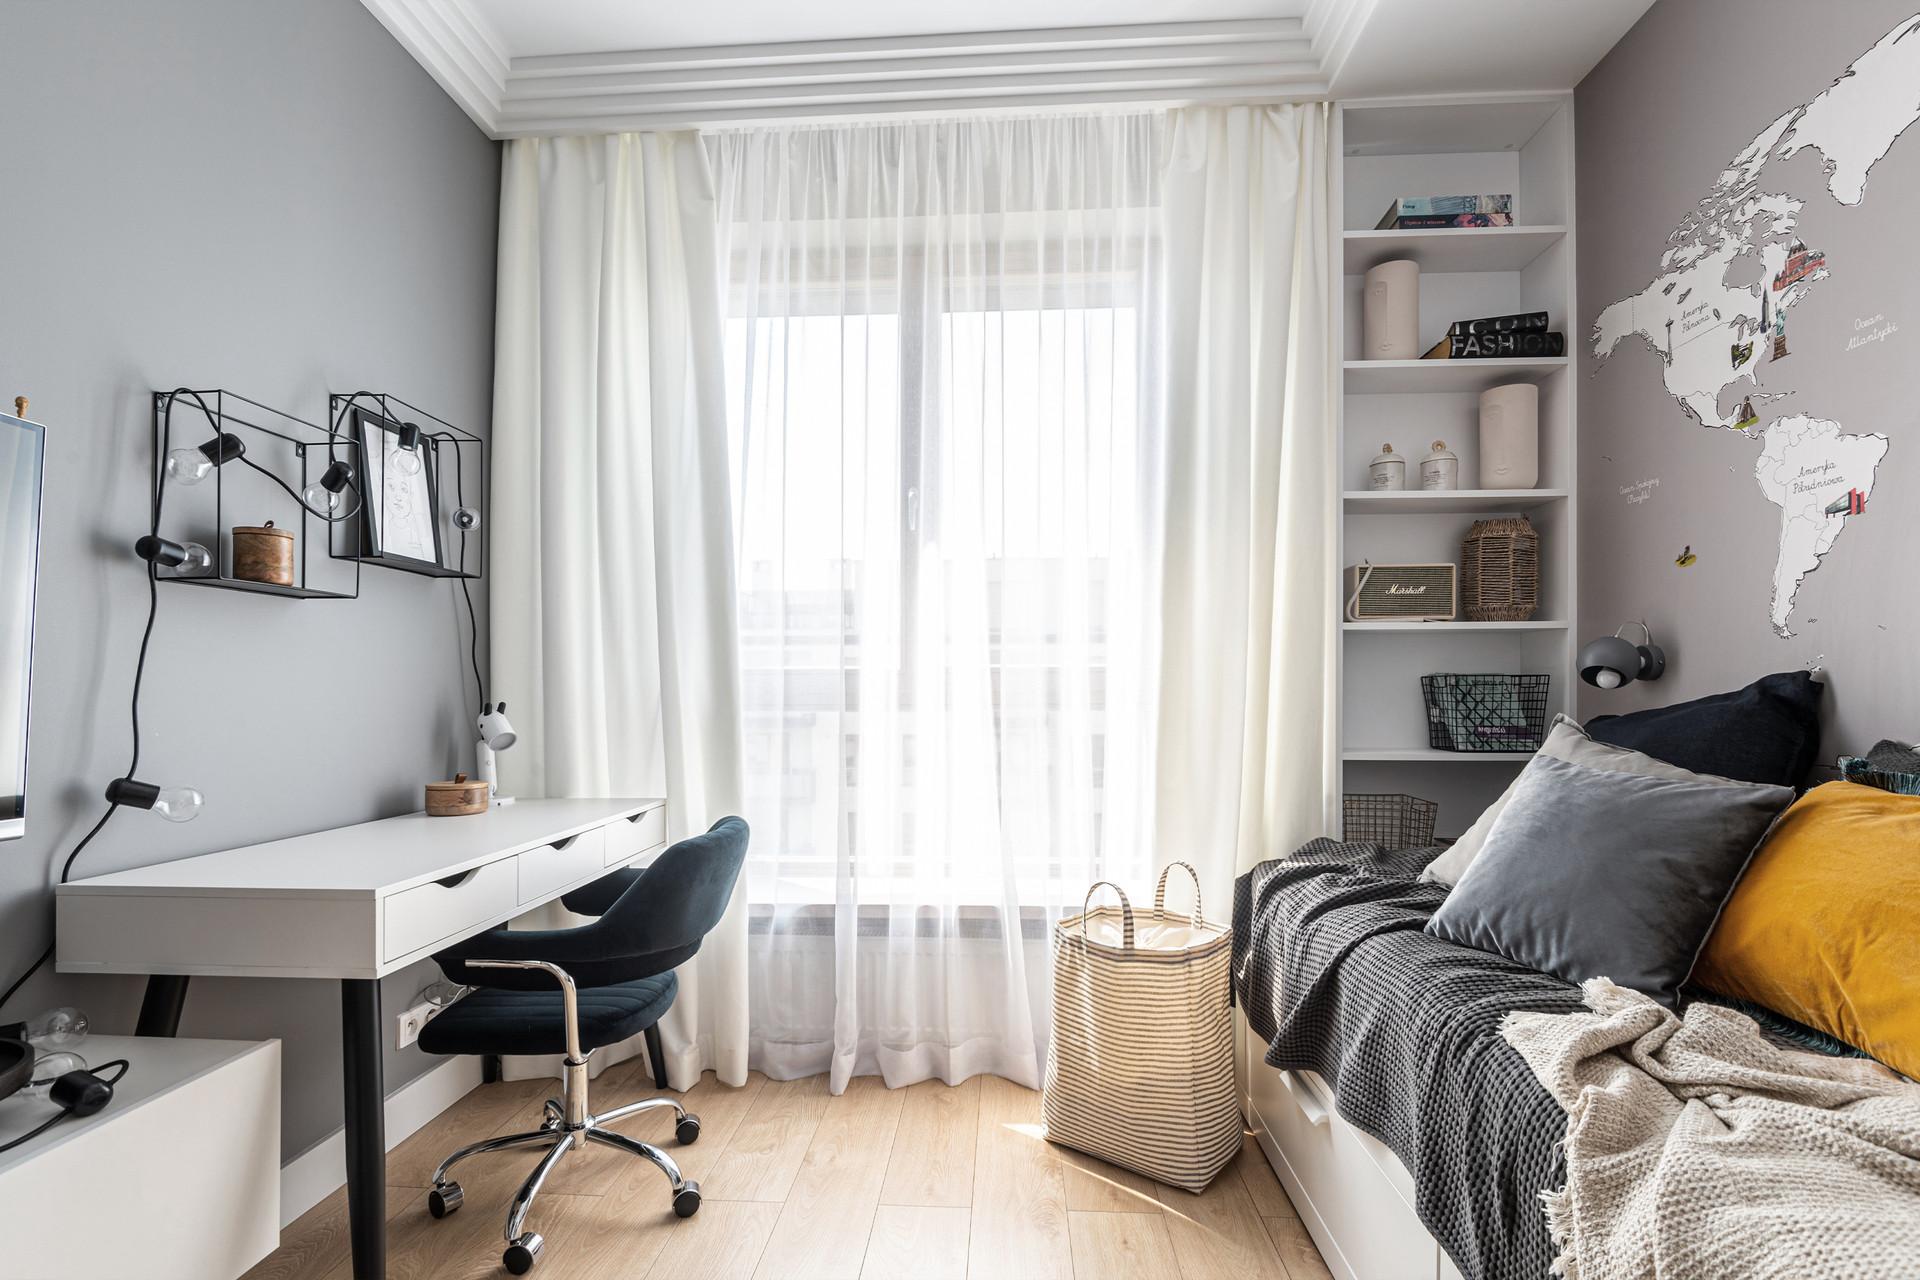 Marika Kafar. Pokój w przygaszonych kolorach z żółtym akcentem w kształcie poduszek.